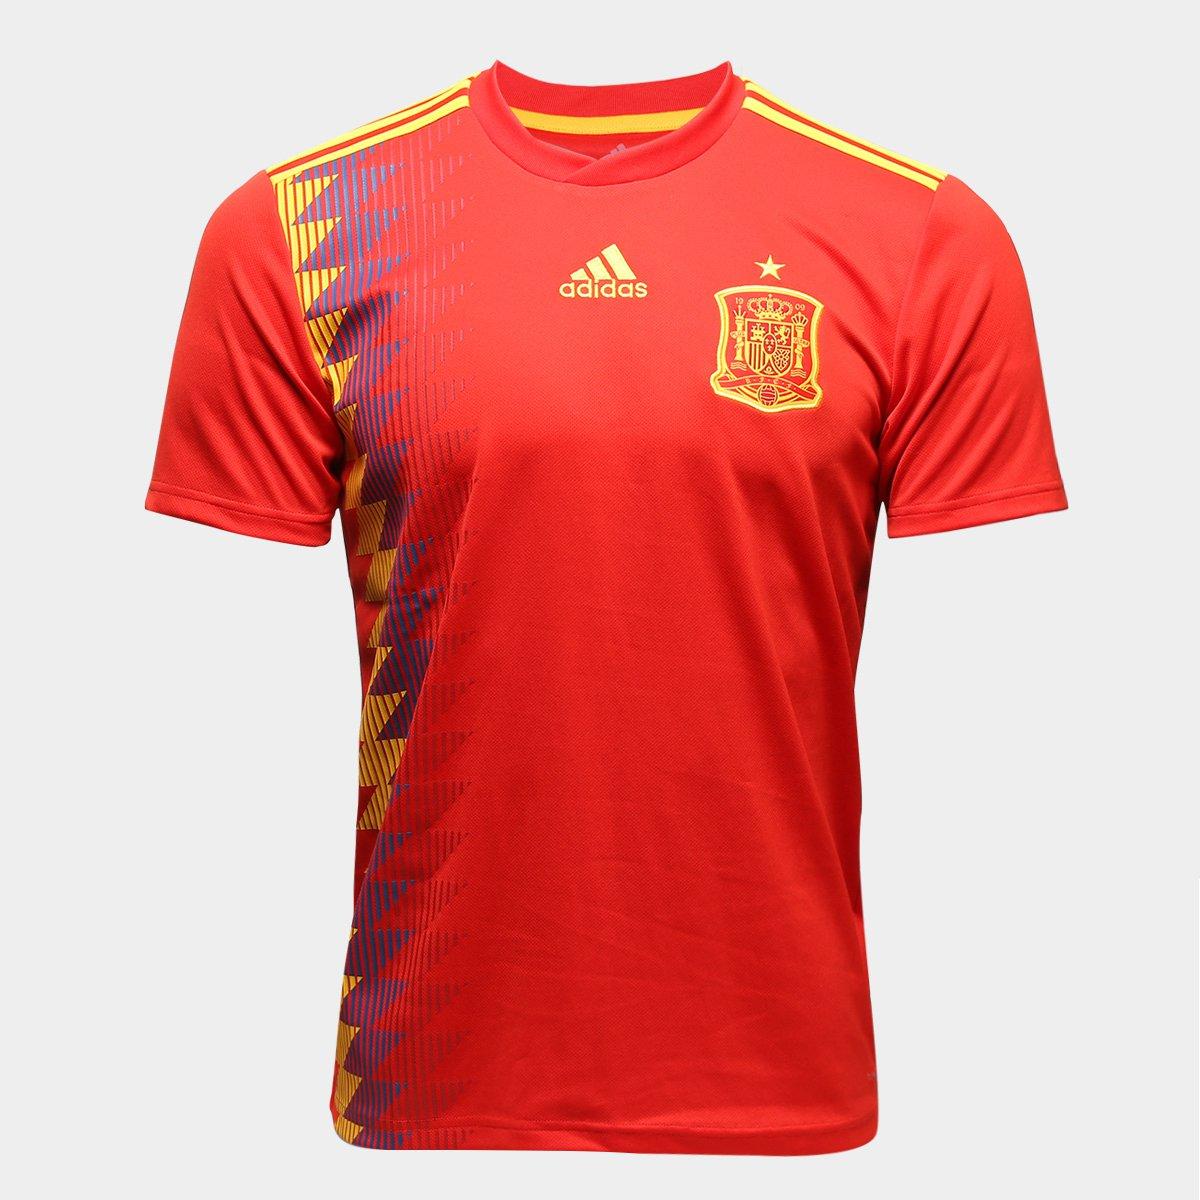 234f76e155 Camisa Seleção Espanha Home 2018 s n° Torcedor Adidas Masculina ...